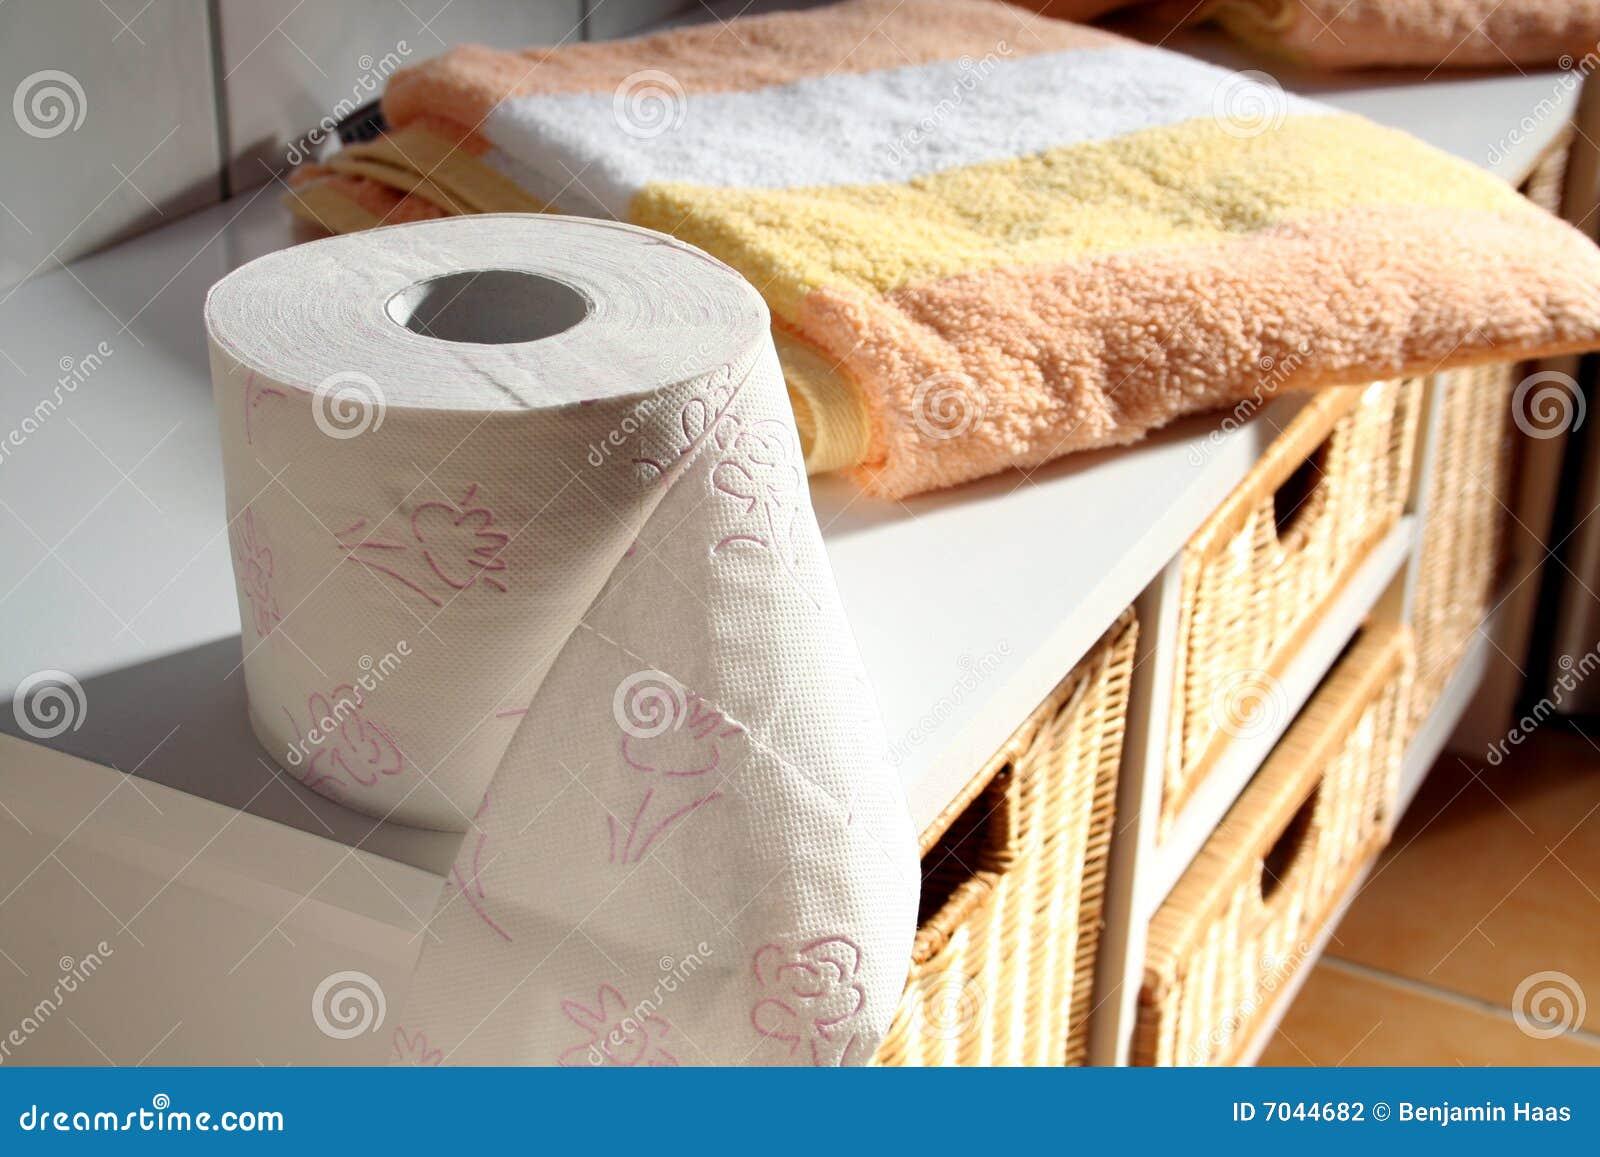 Papel higiénico